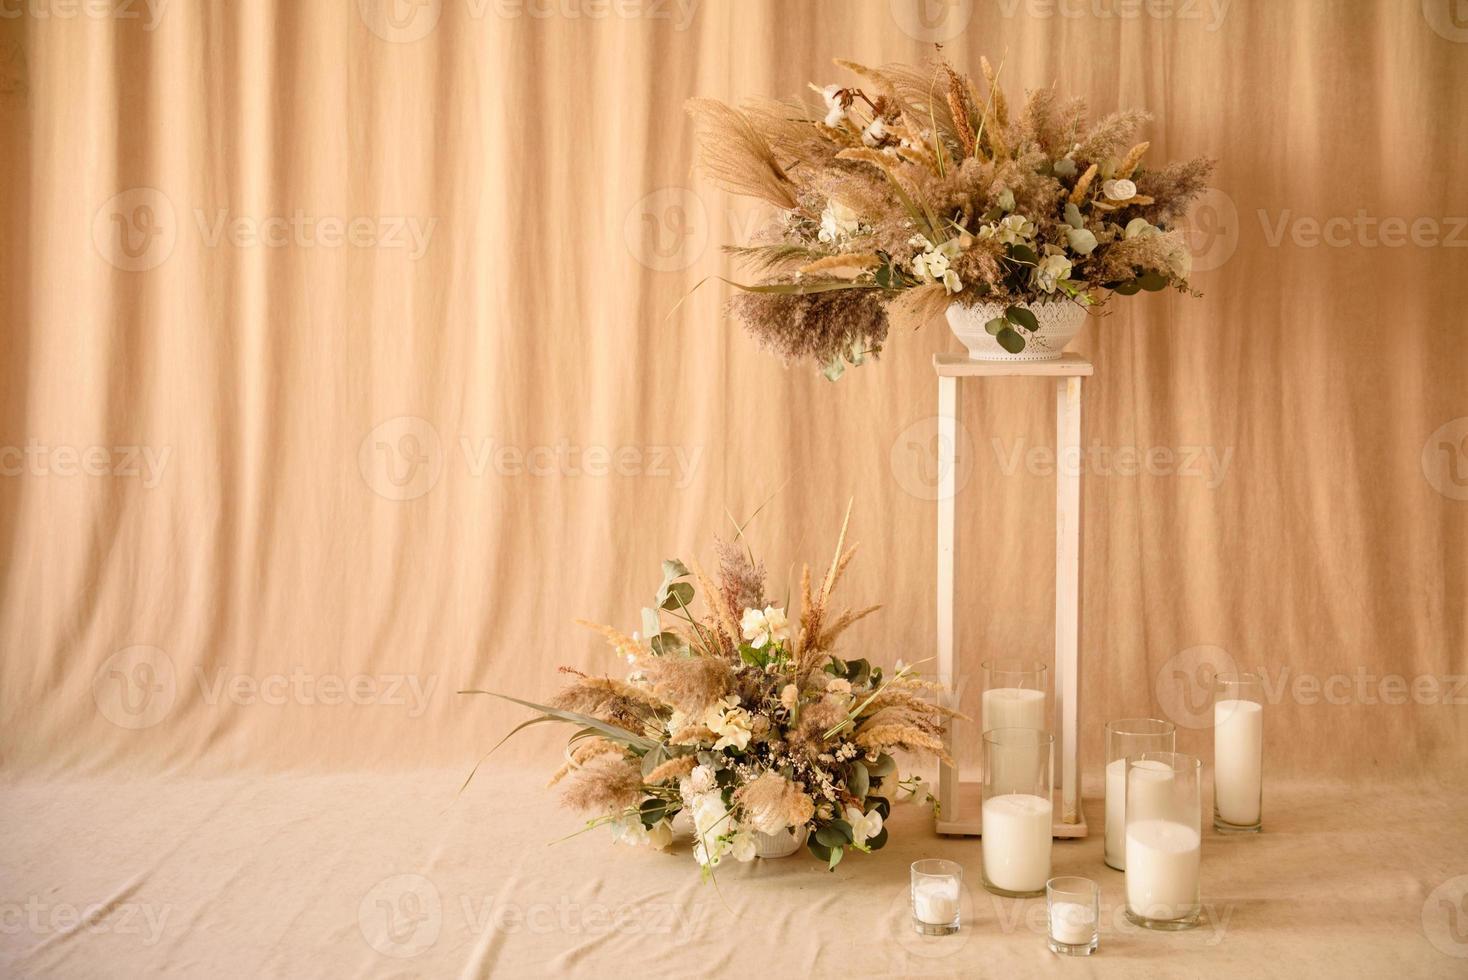 décorations de belles fleurs sèches dans un vase blanc sur fond de tissu beige photo